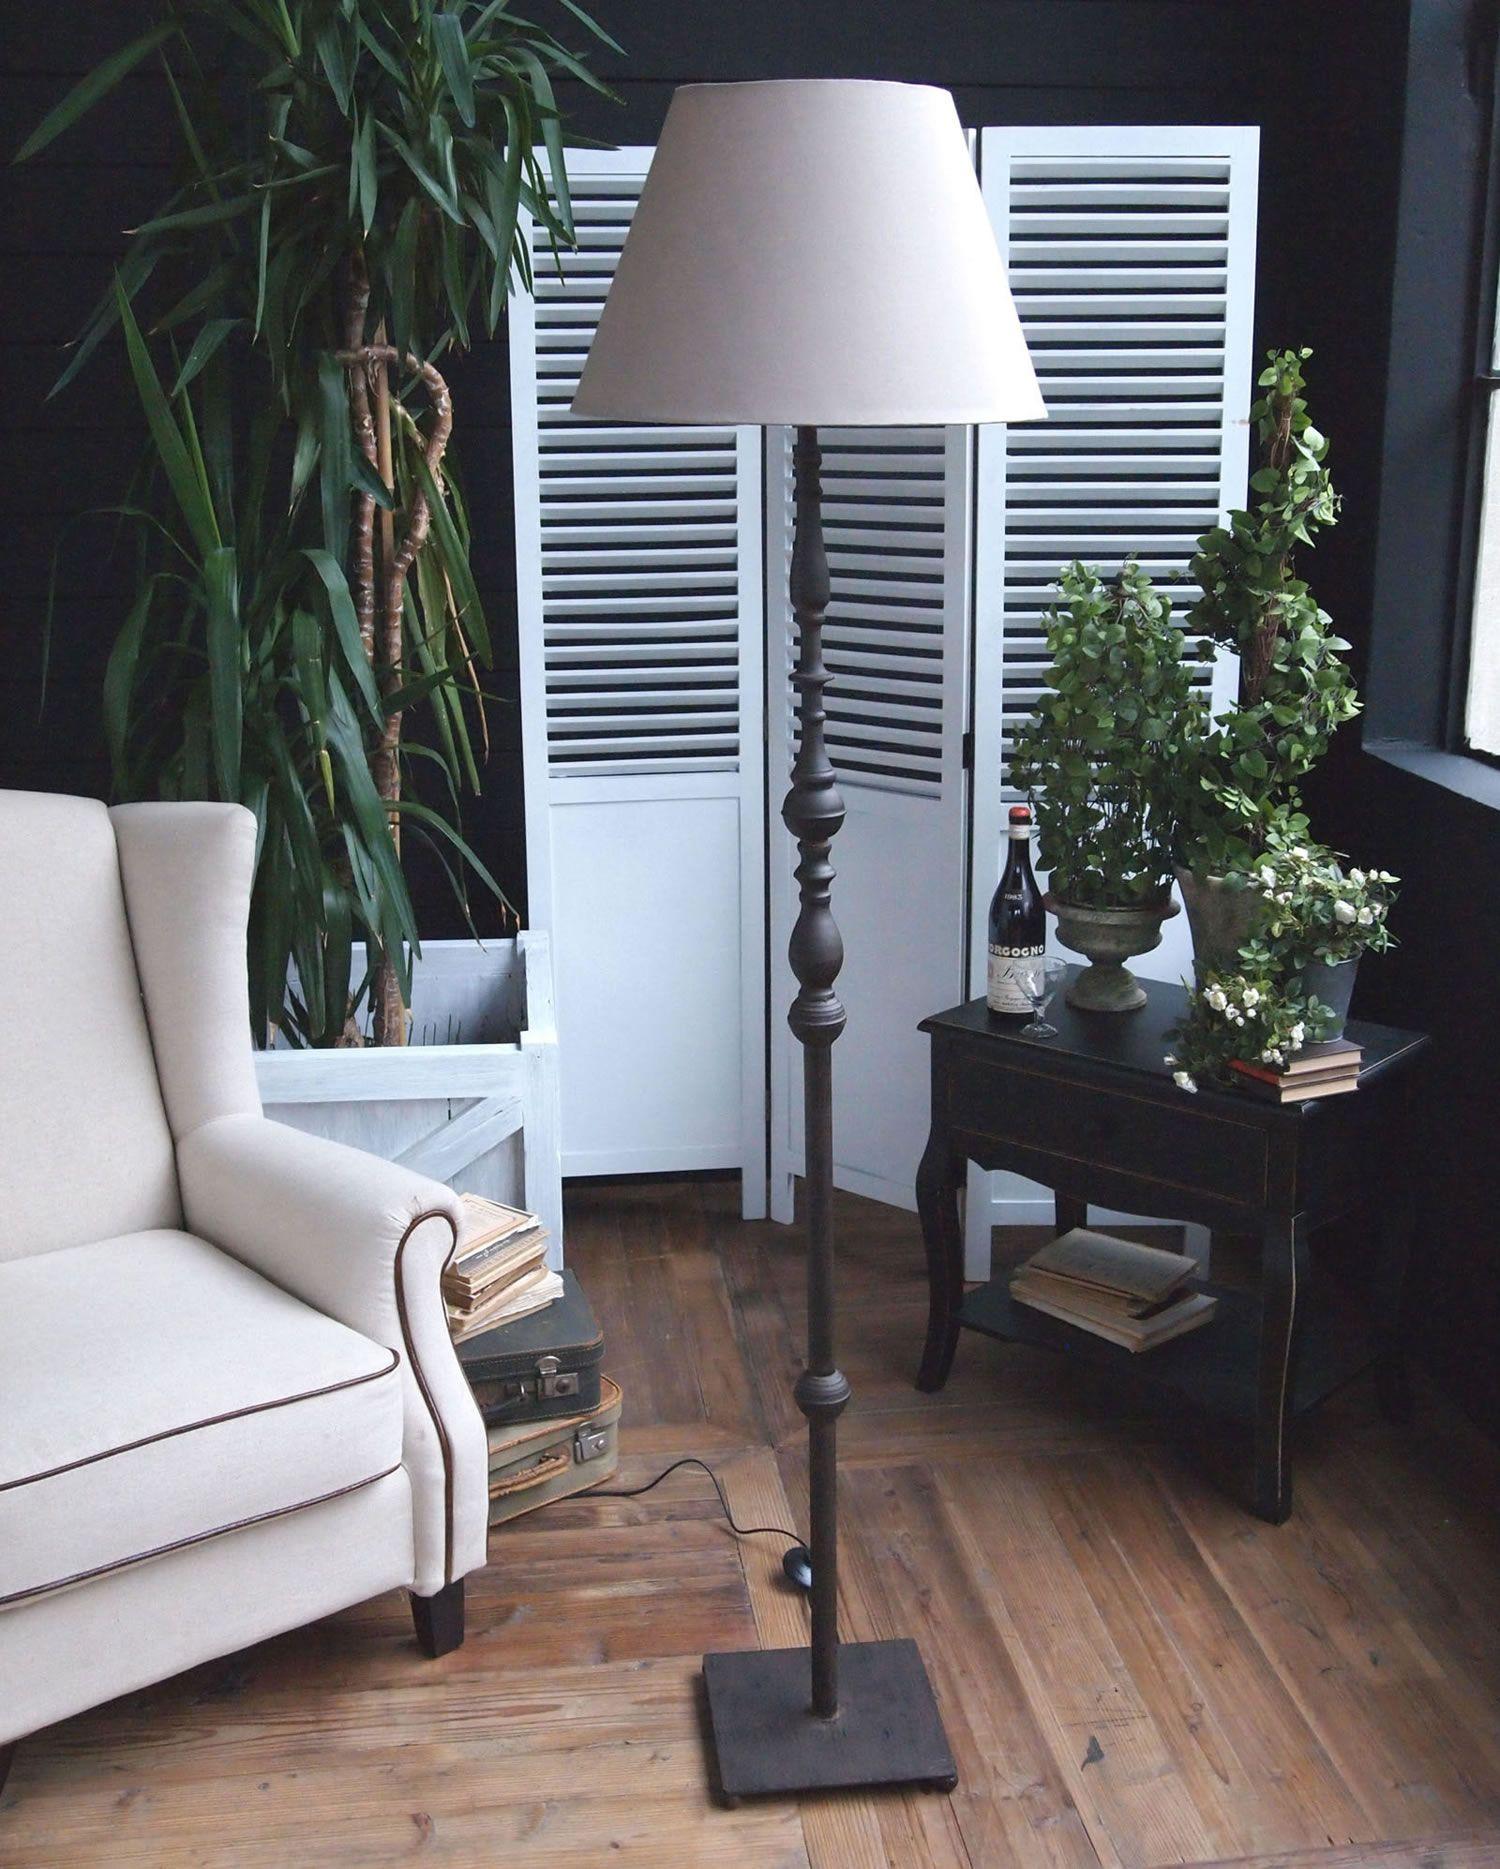 Acquista online la lampada da terra RUSTY di Orchidea